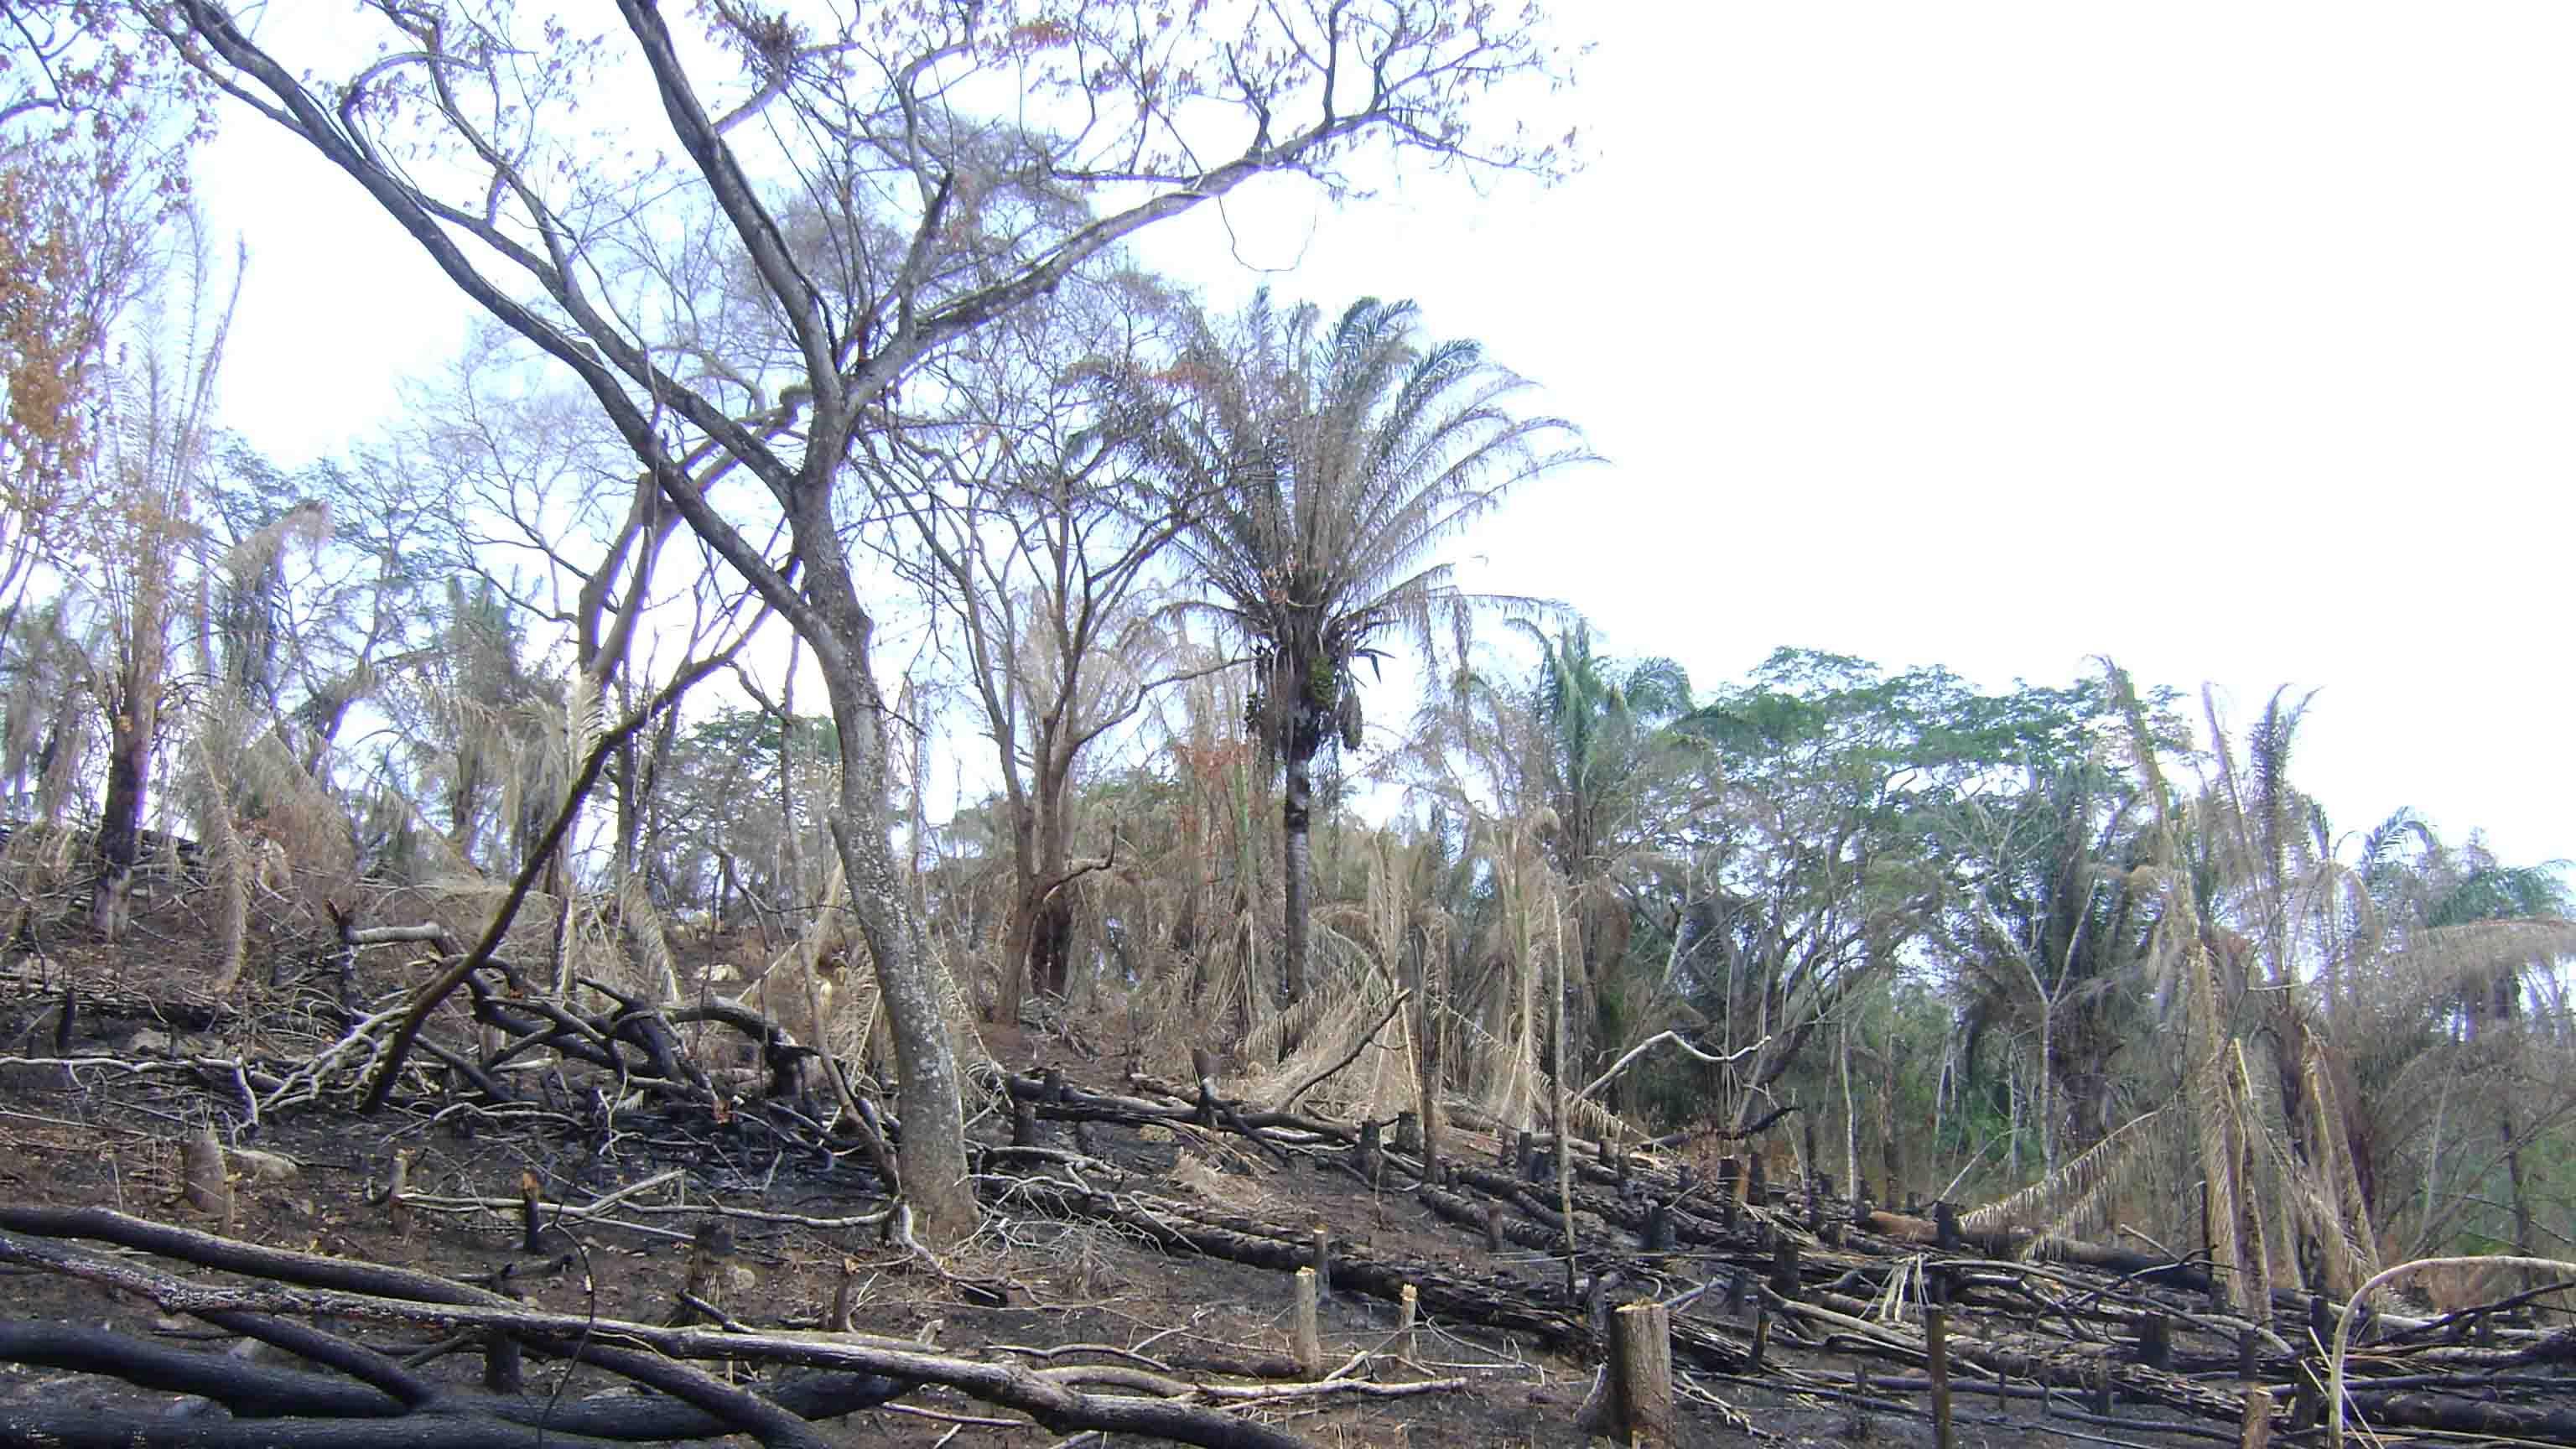 La última vez que se registró el fenómeno provocó condiciones climáticas adversas que generaron estragos en los cultivos, incendios e inundaciones